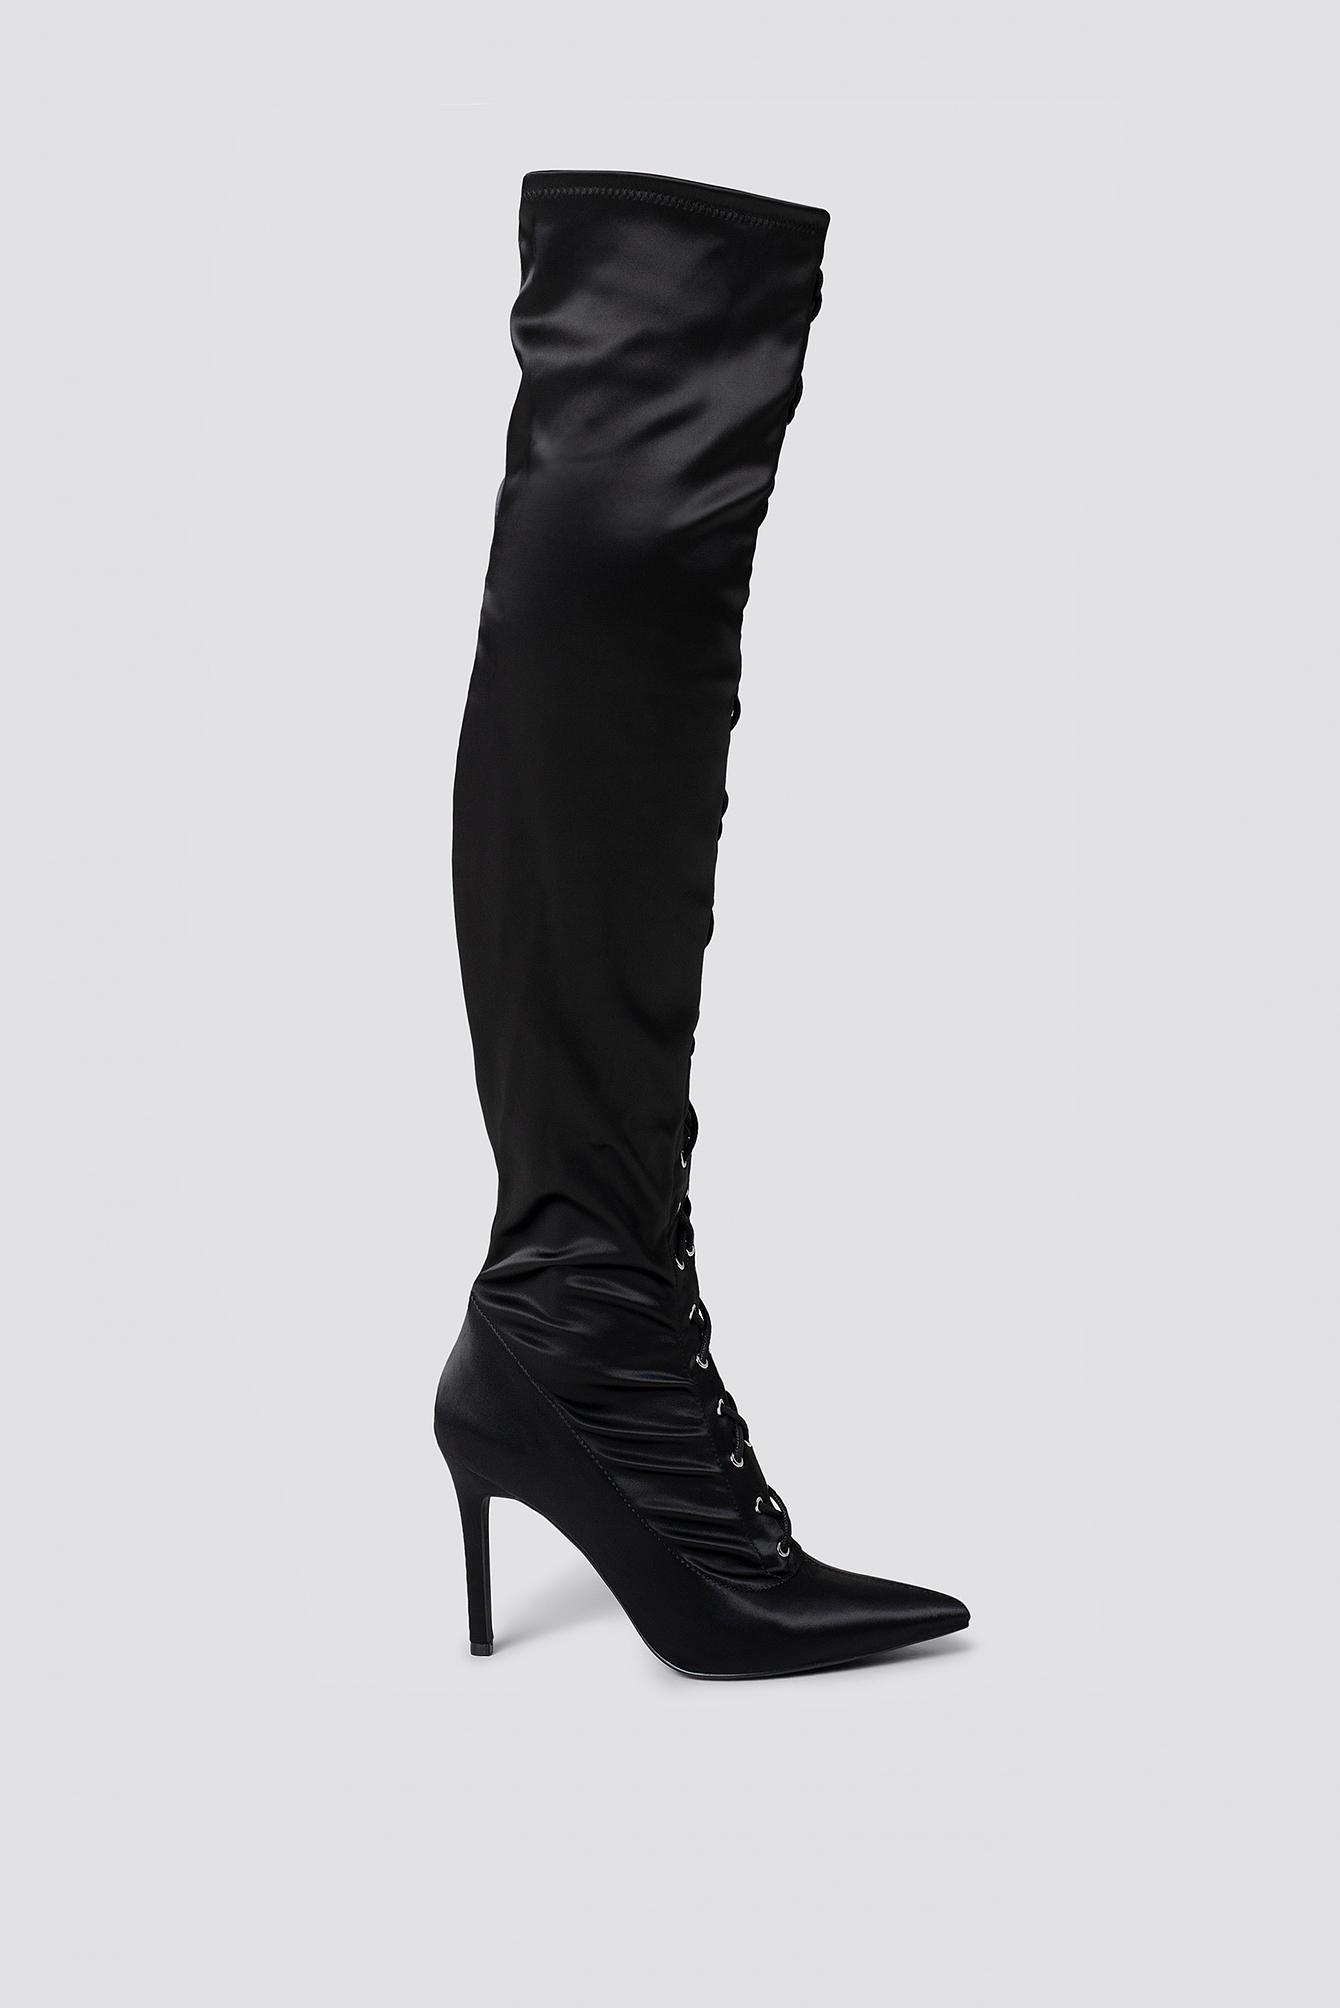 sahara ray x na-kd -  Lace Up Satin Overknee Boots - Black